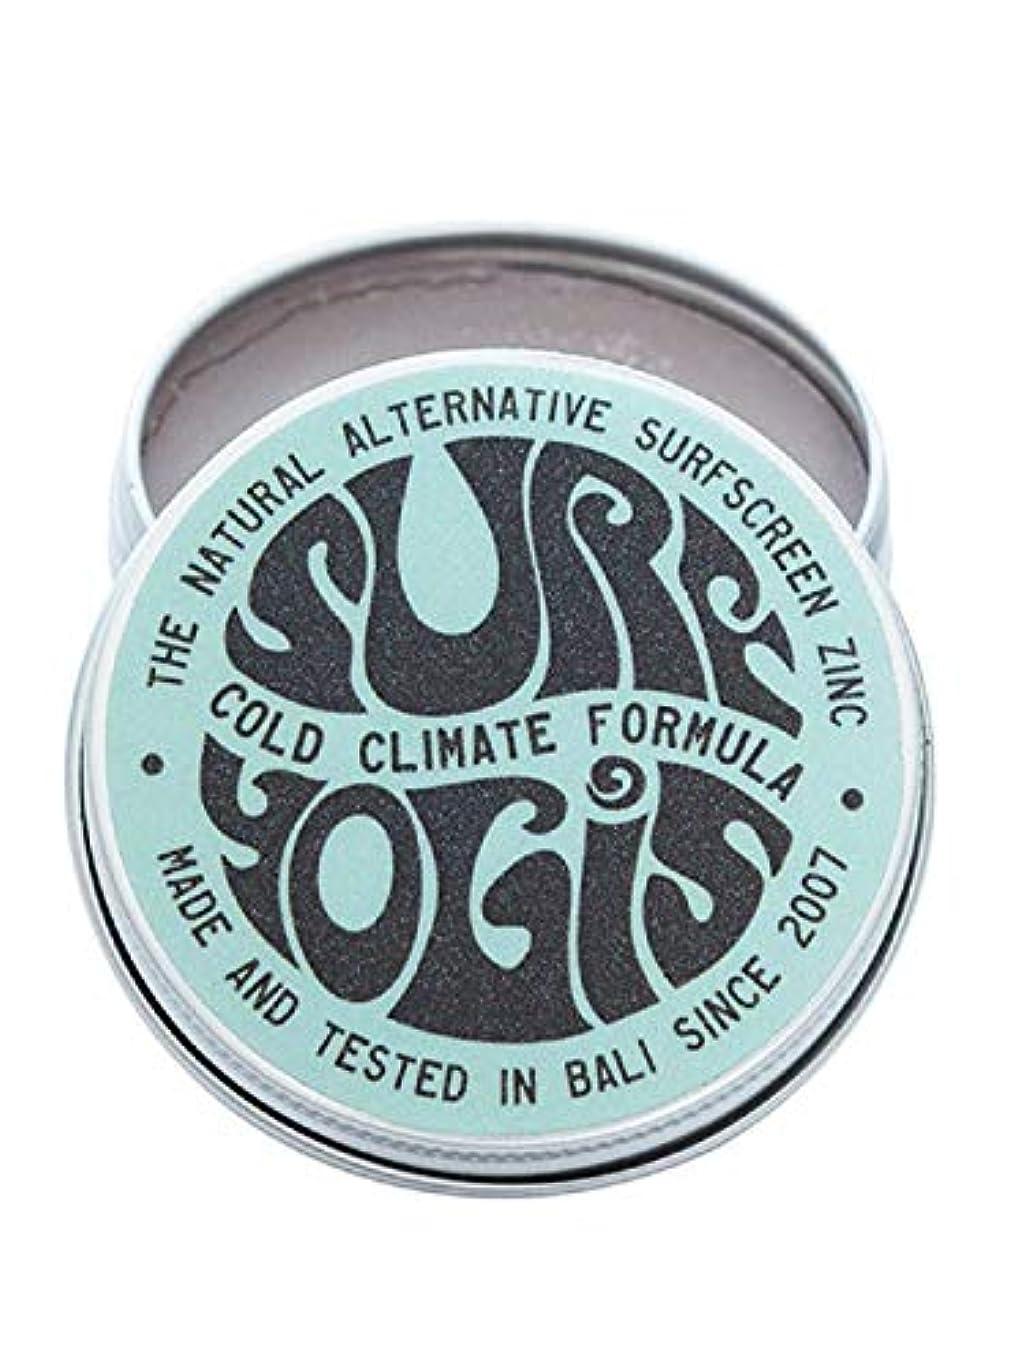 ツーリスト試験姿勢SURF YOGIS(サーフヨギ) ナチュラルサーフスクリーン COLD CLIMATE FORMULA フォーミュラ 冬用 柔らかめ 日焼け止め オーガニック素材 60g SPF50 ノンケミカル